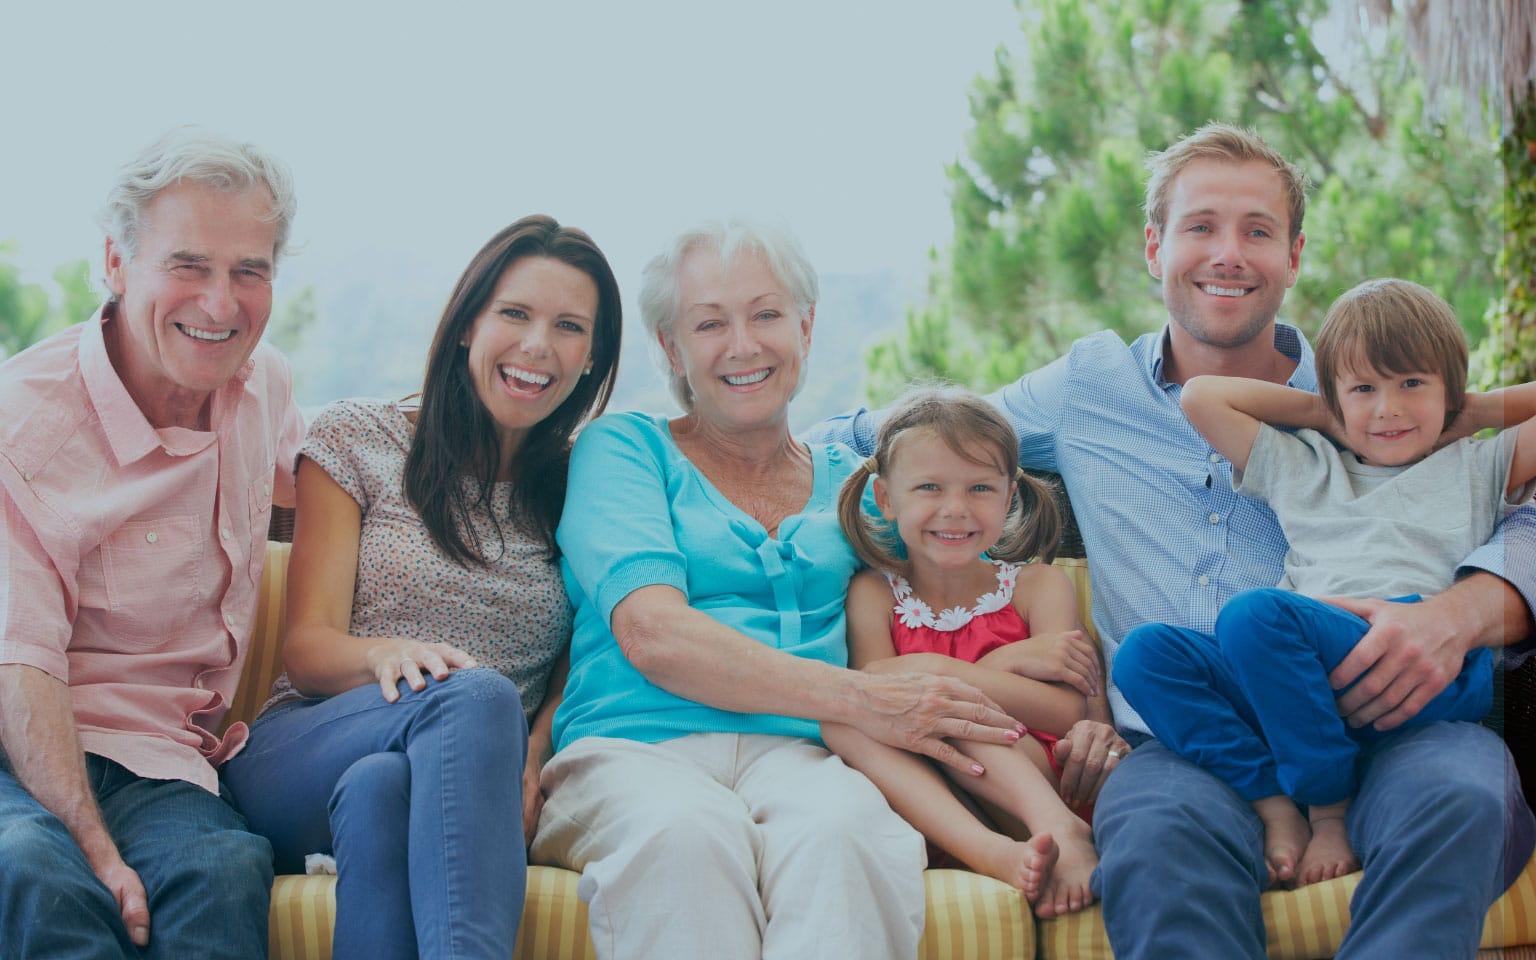 Foto de família feliz com filhos, pais e avós felizes sentados